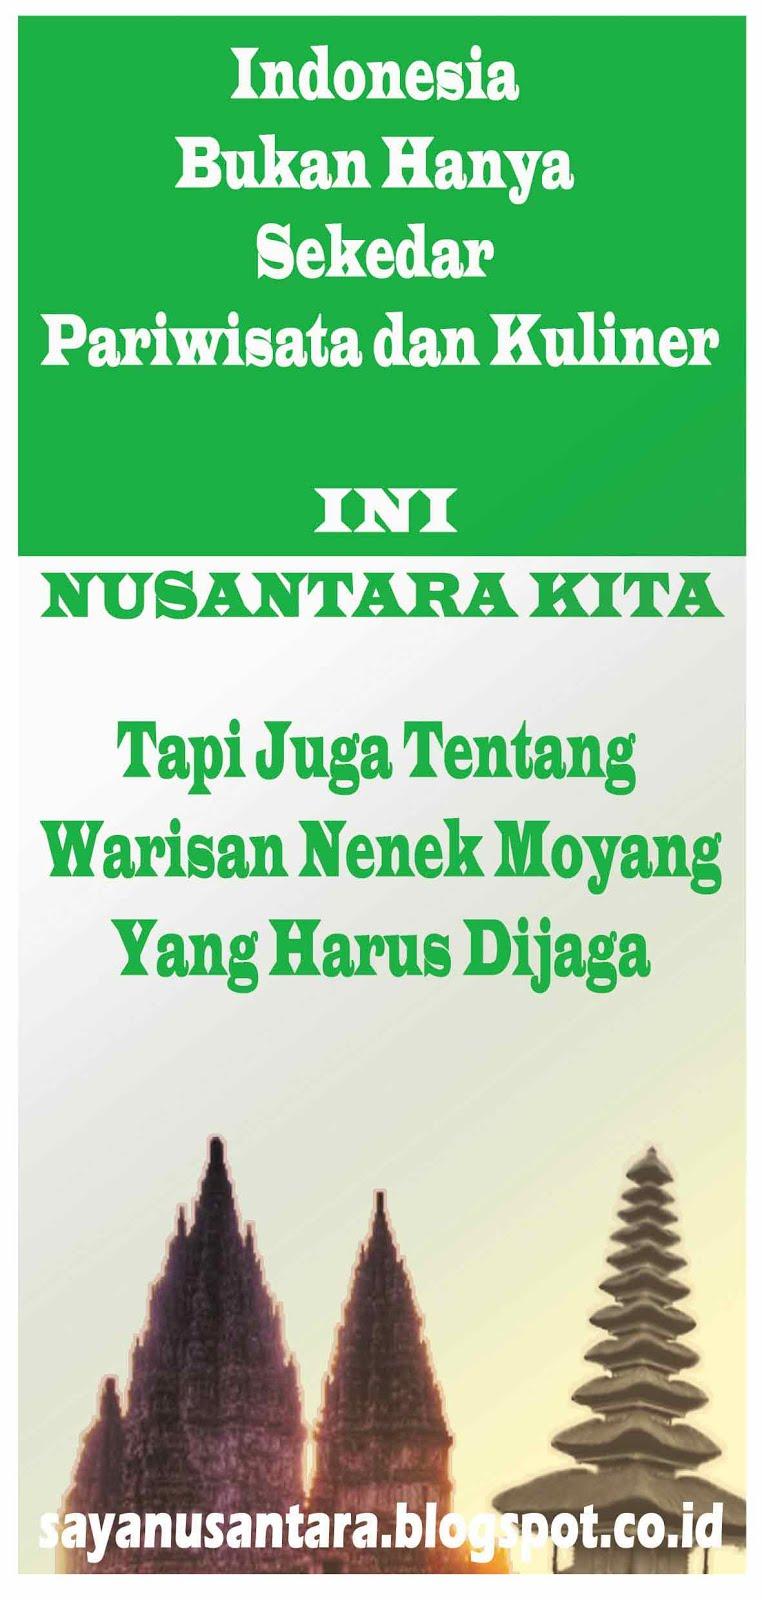 Saya Nusantara